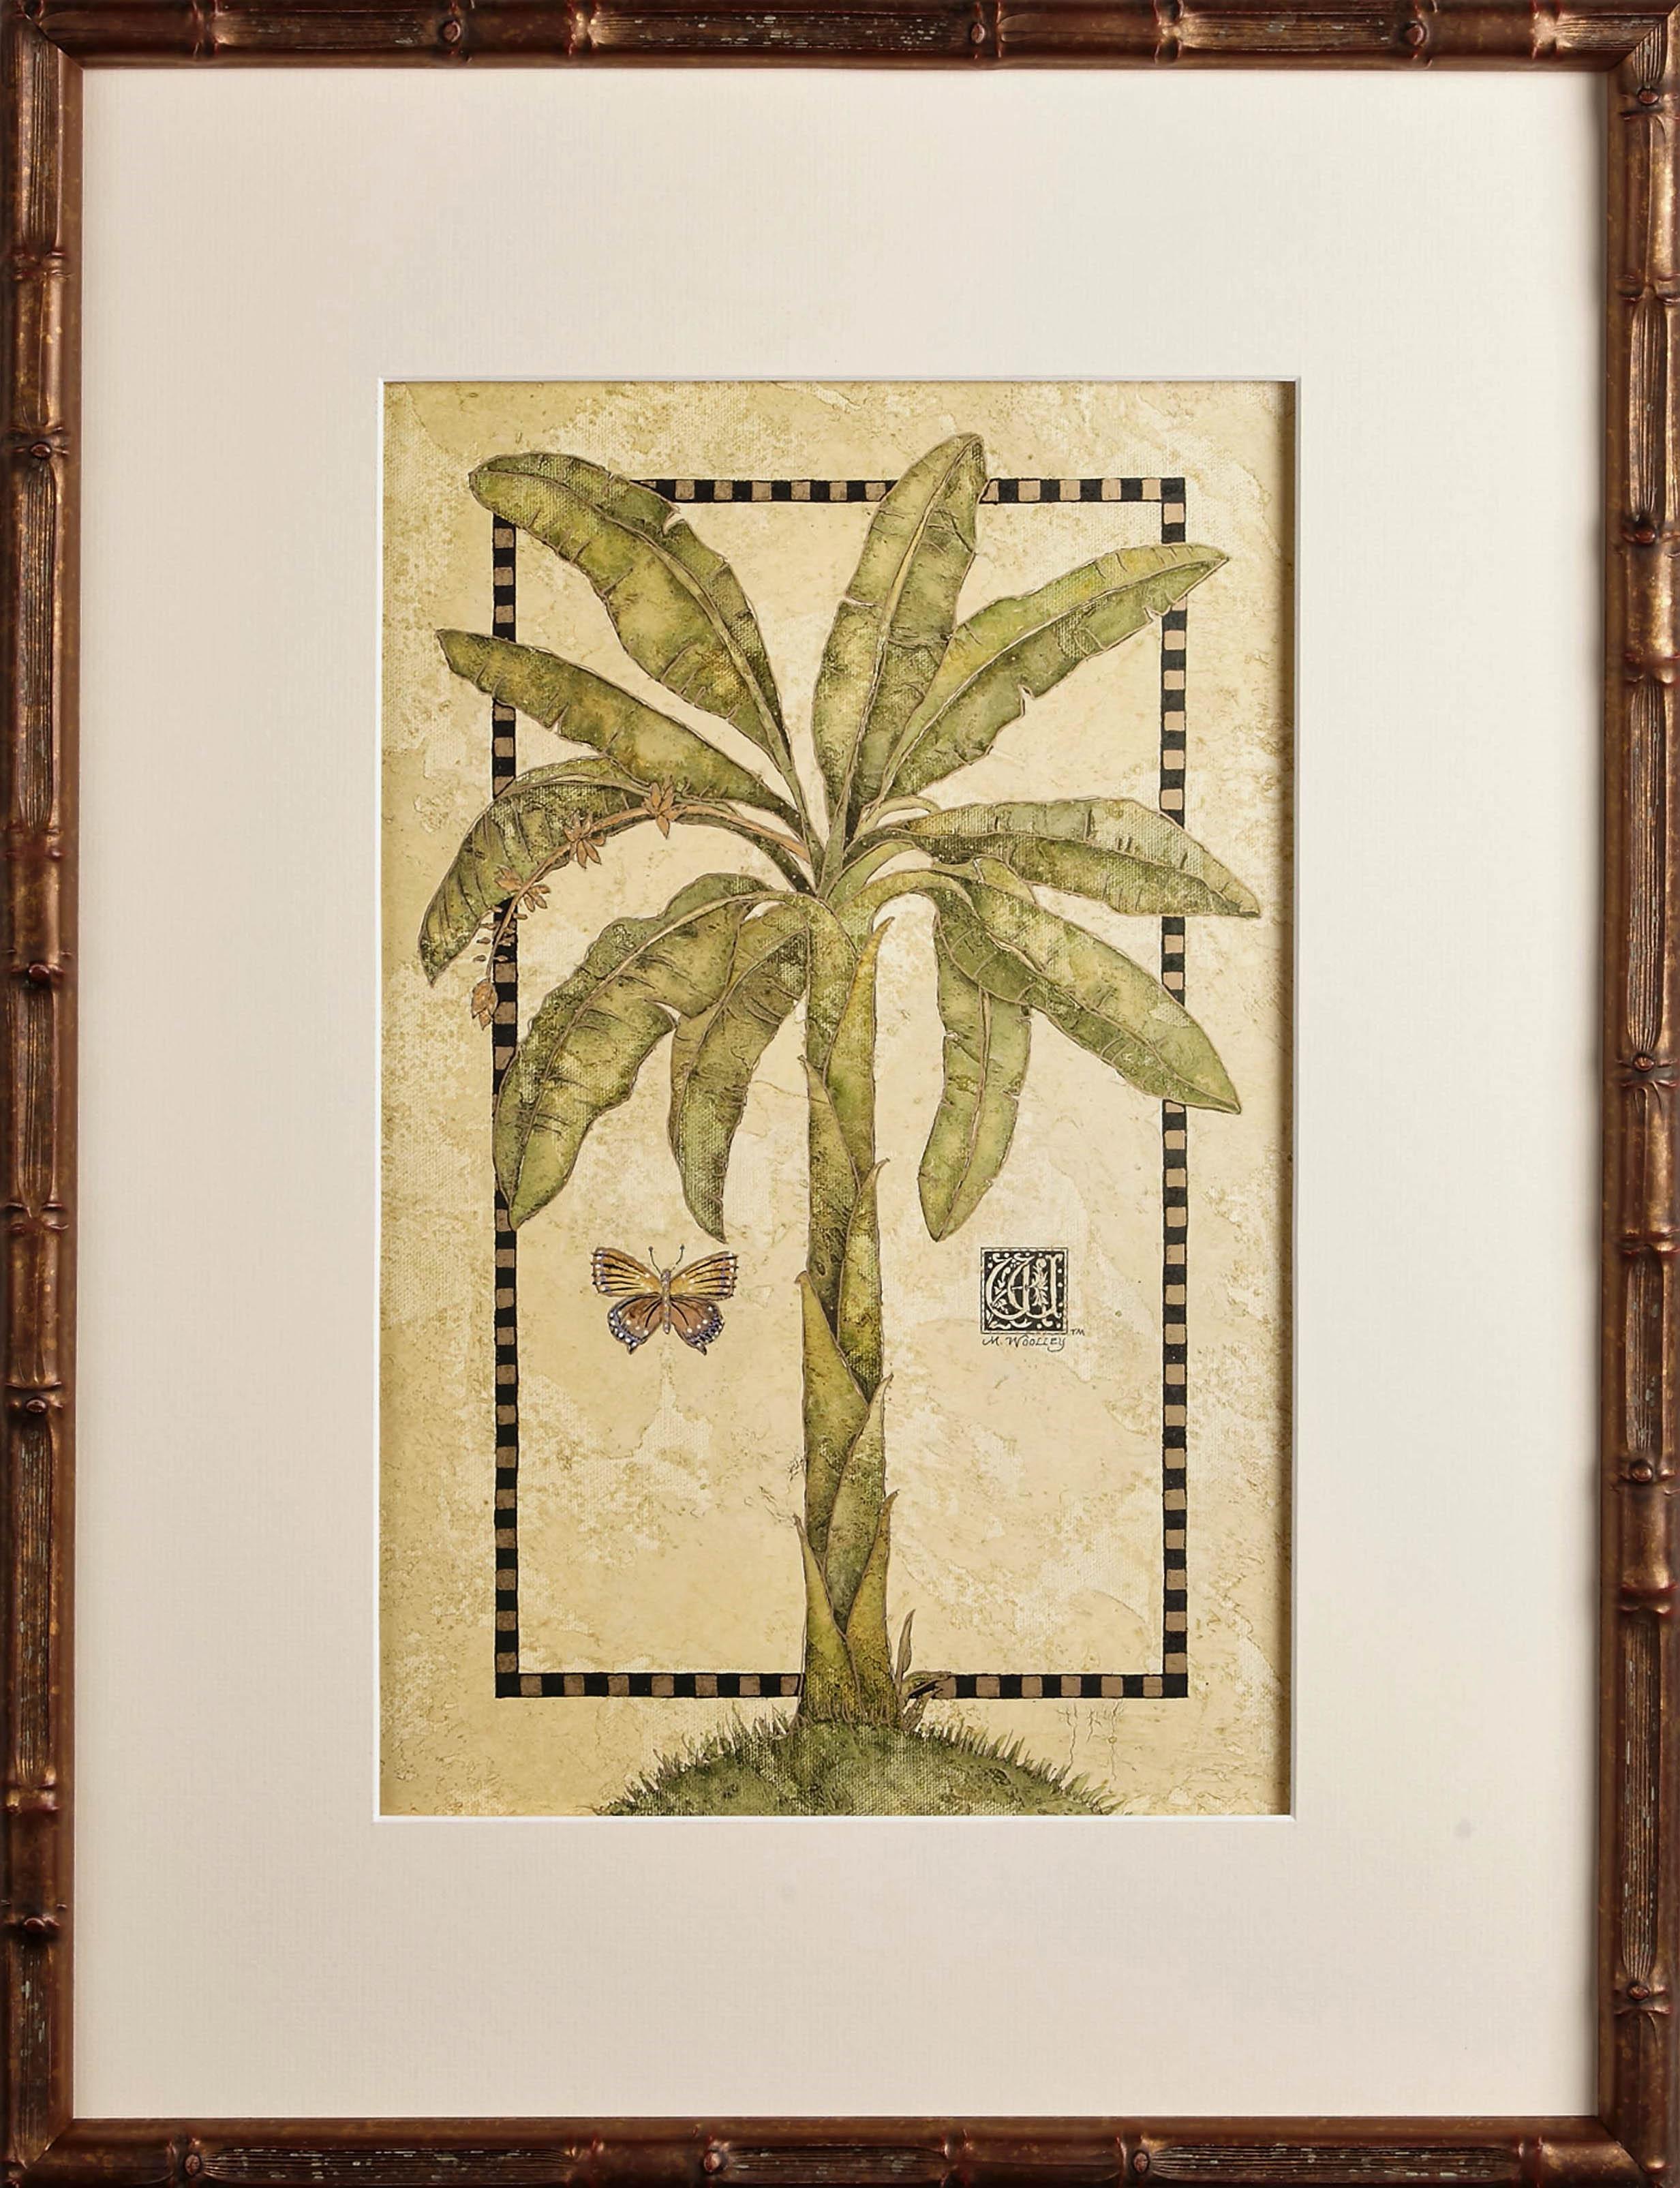 Tropical Banana in Golden Bamboo | One Coast Design